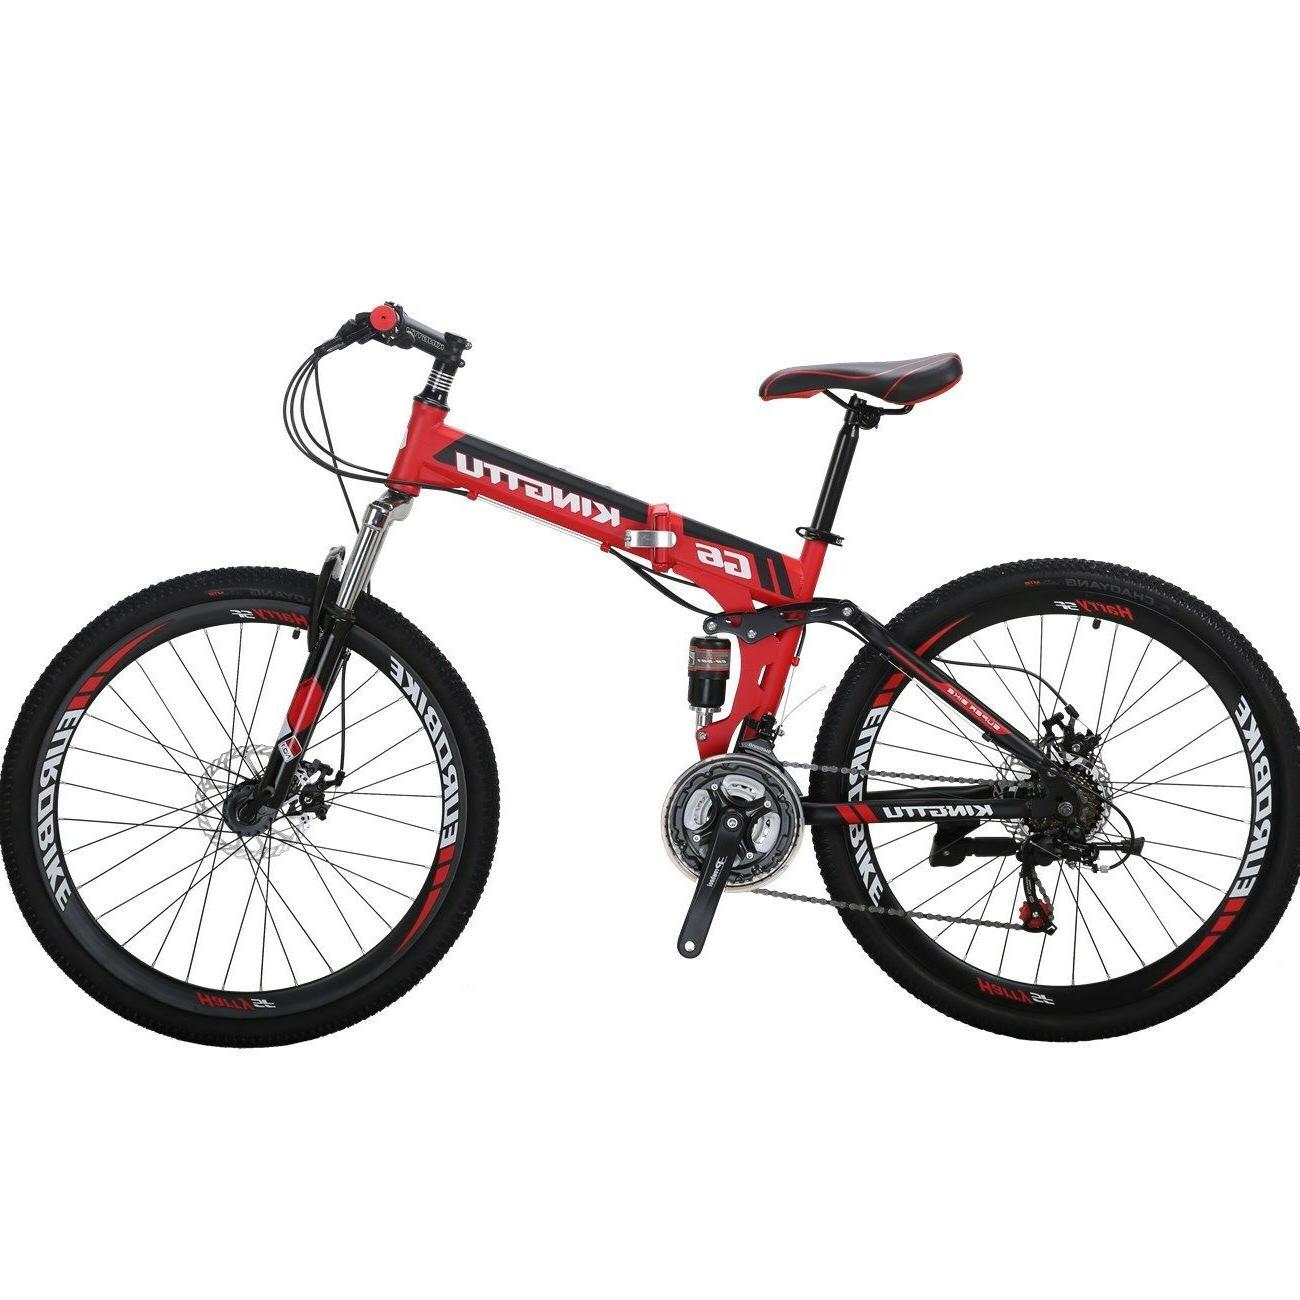 """Full suspension Folding Mountain Bike 26"""" Bikes 21 Speed Bic"""